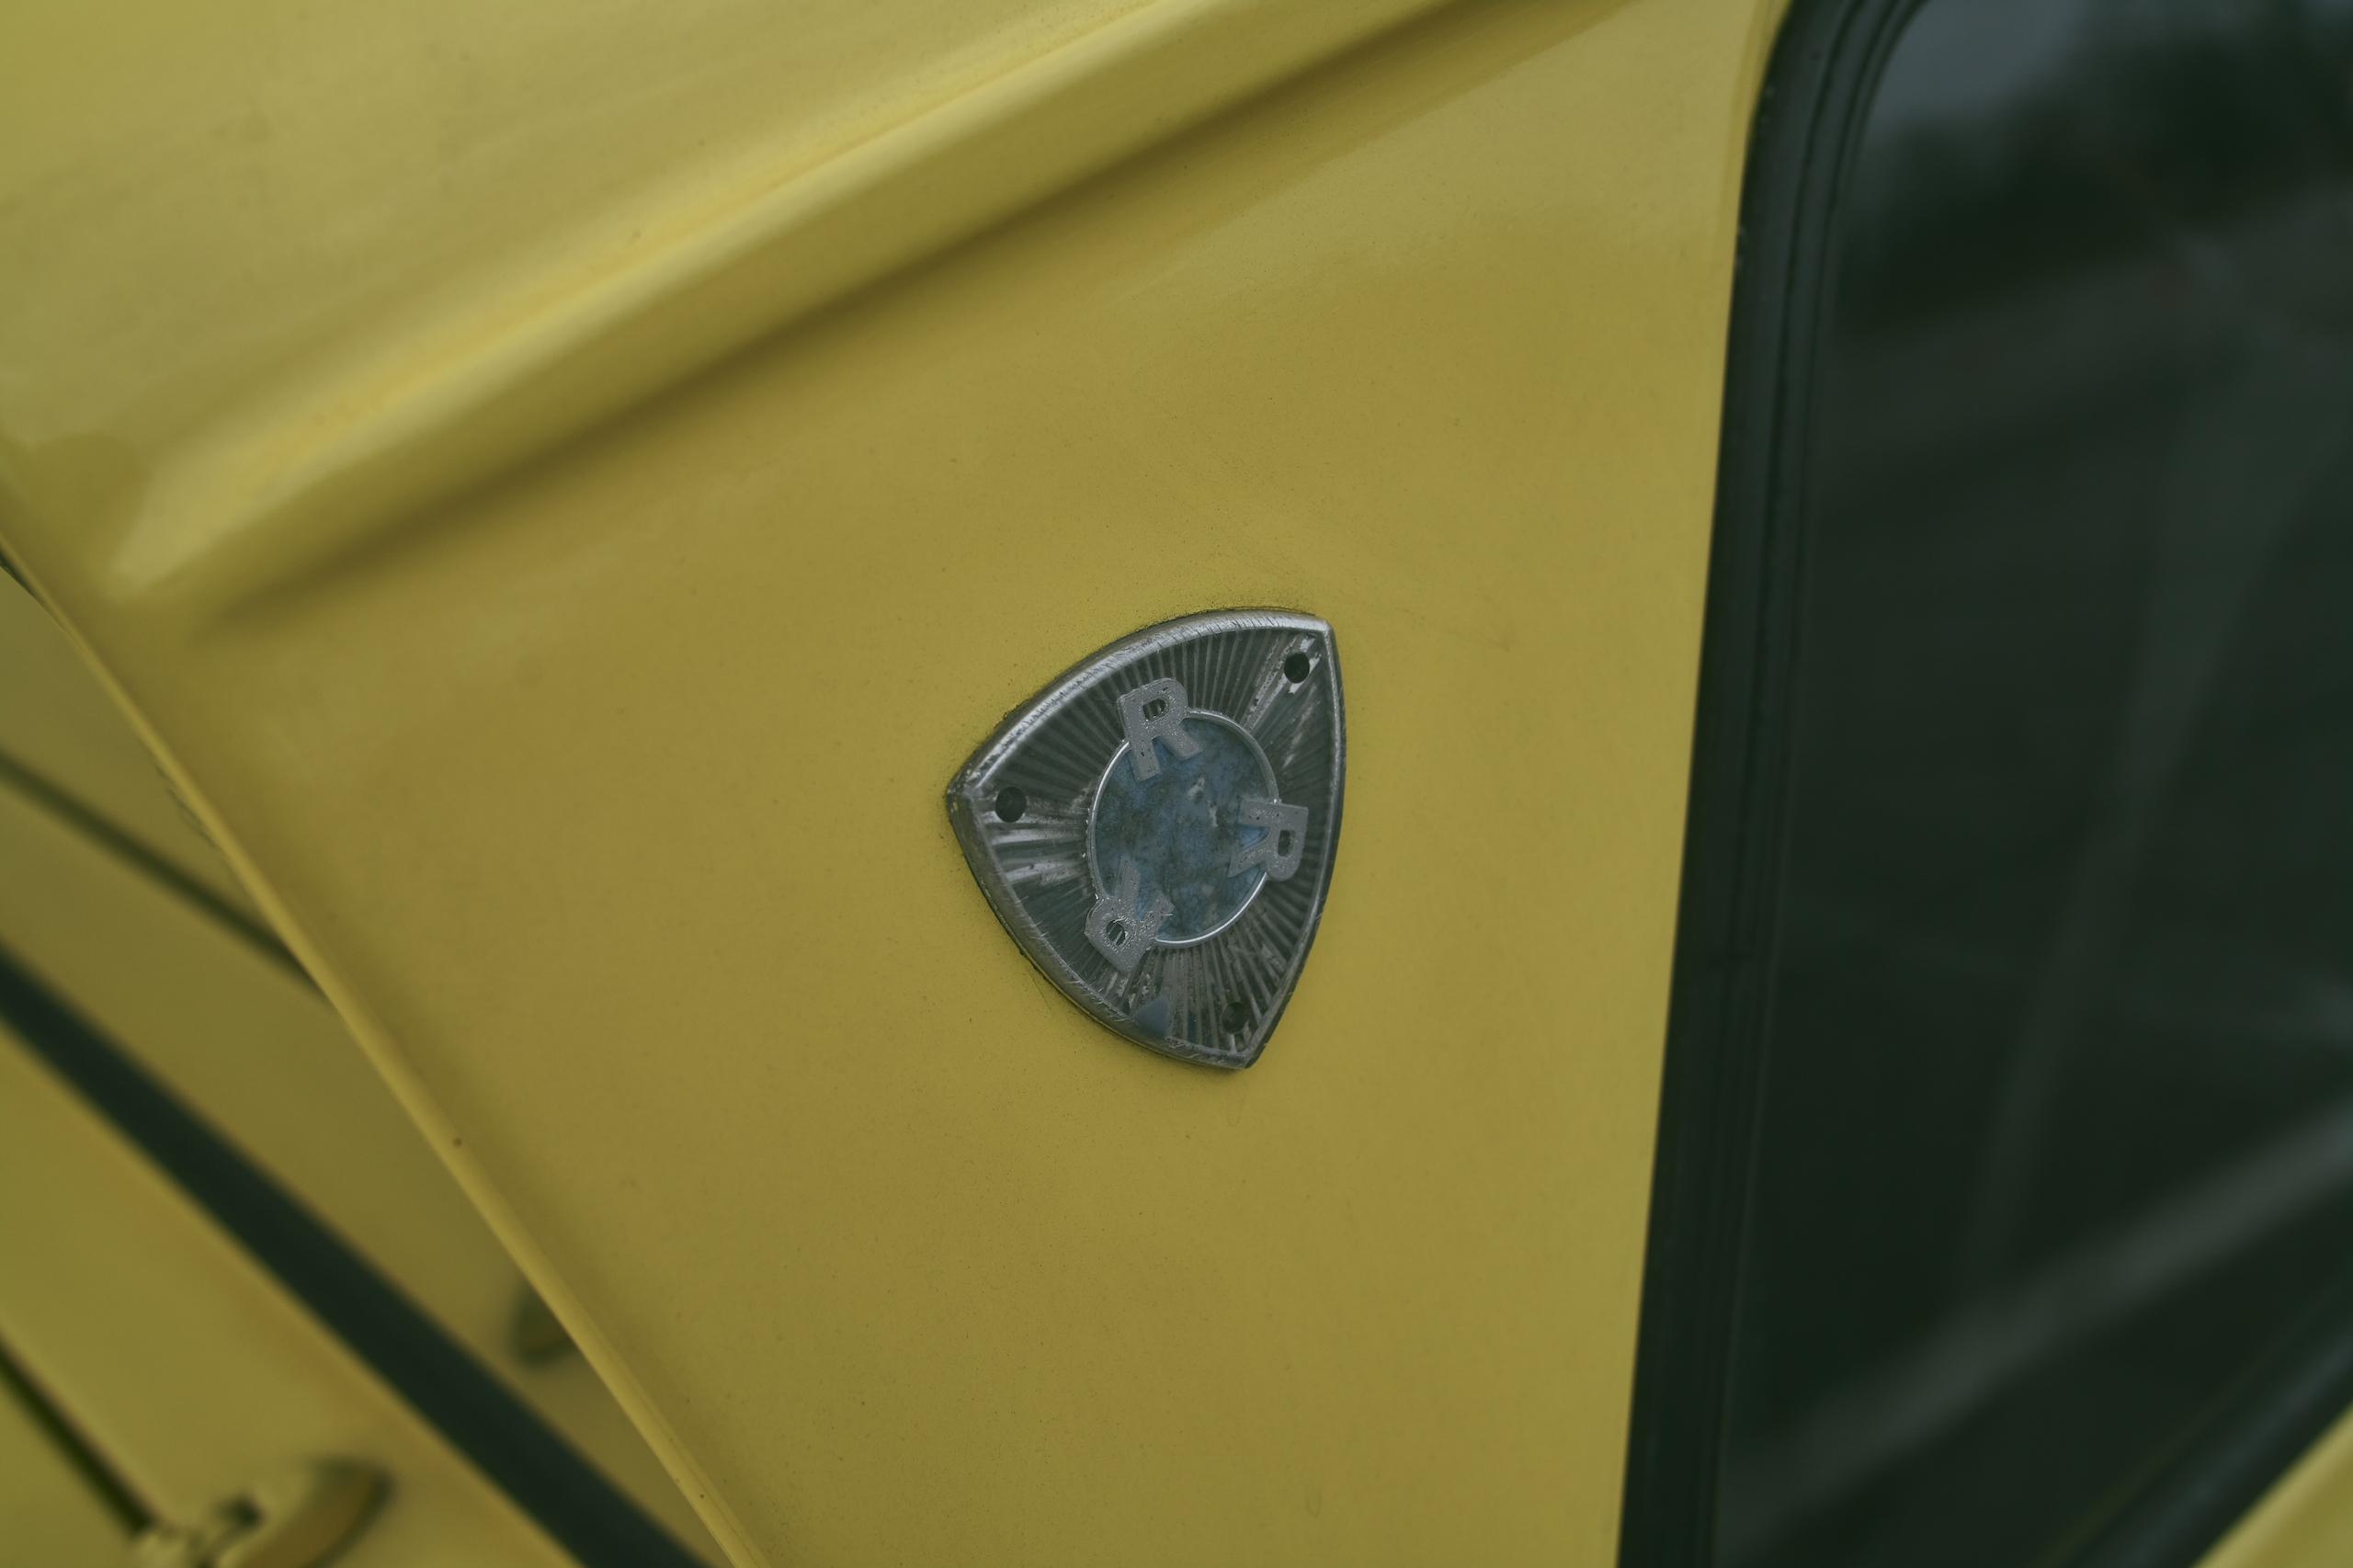 1971 Reliant Regal 330 badge detail